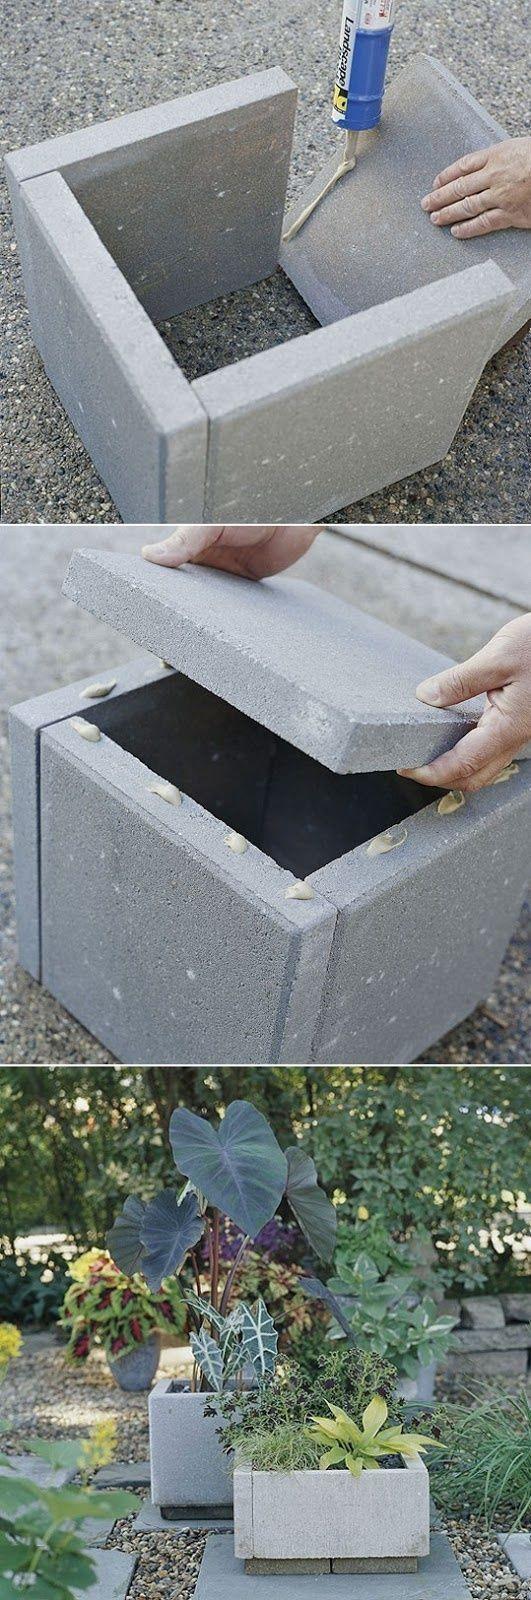 4 Step Diy Paver Planter Diy Concrete Design And